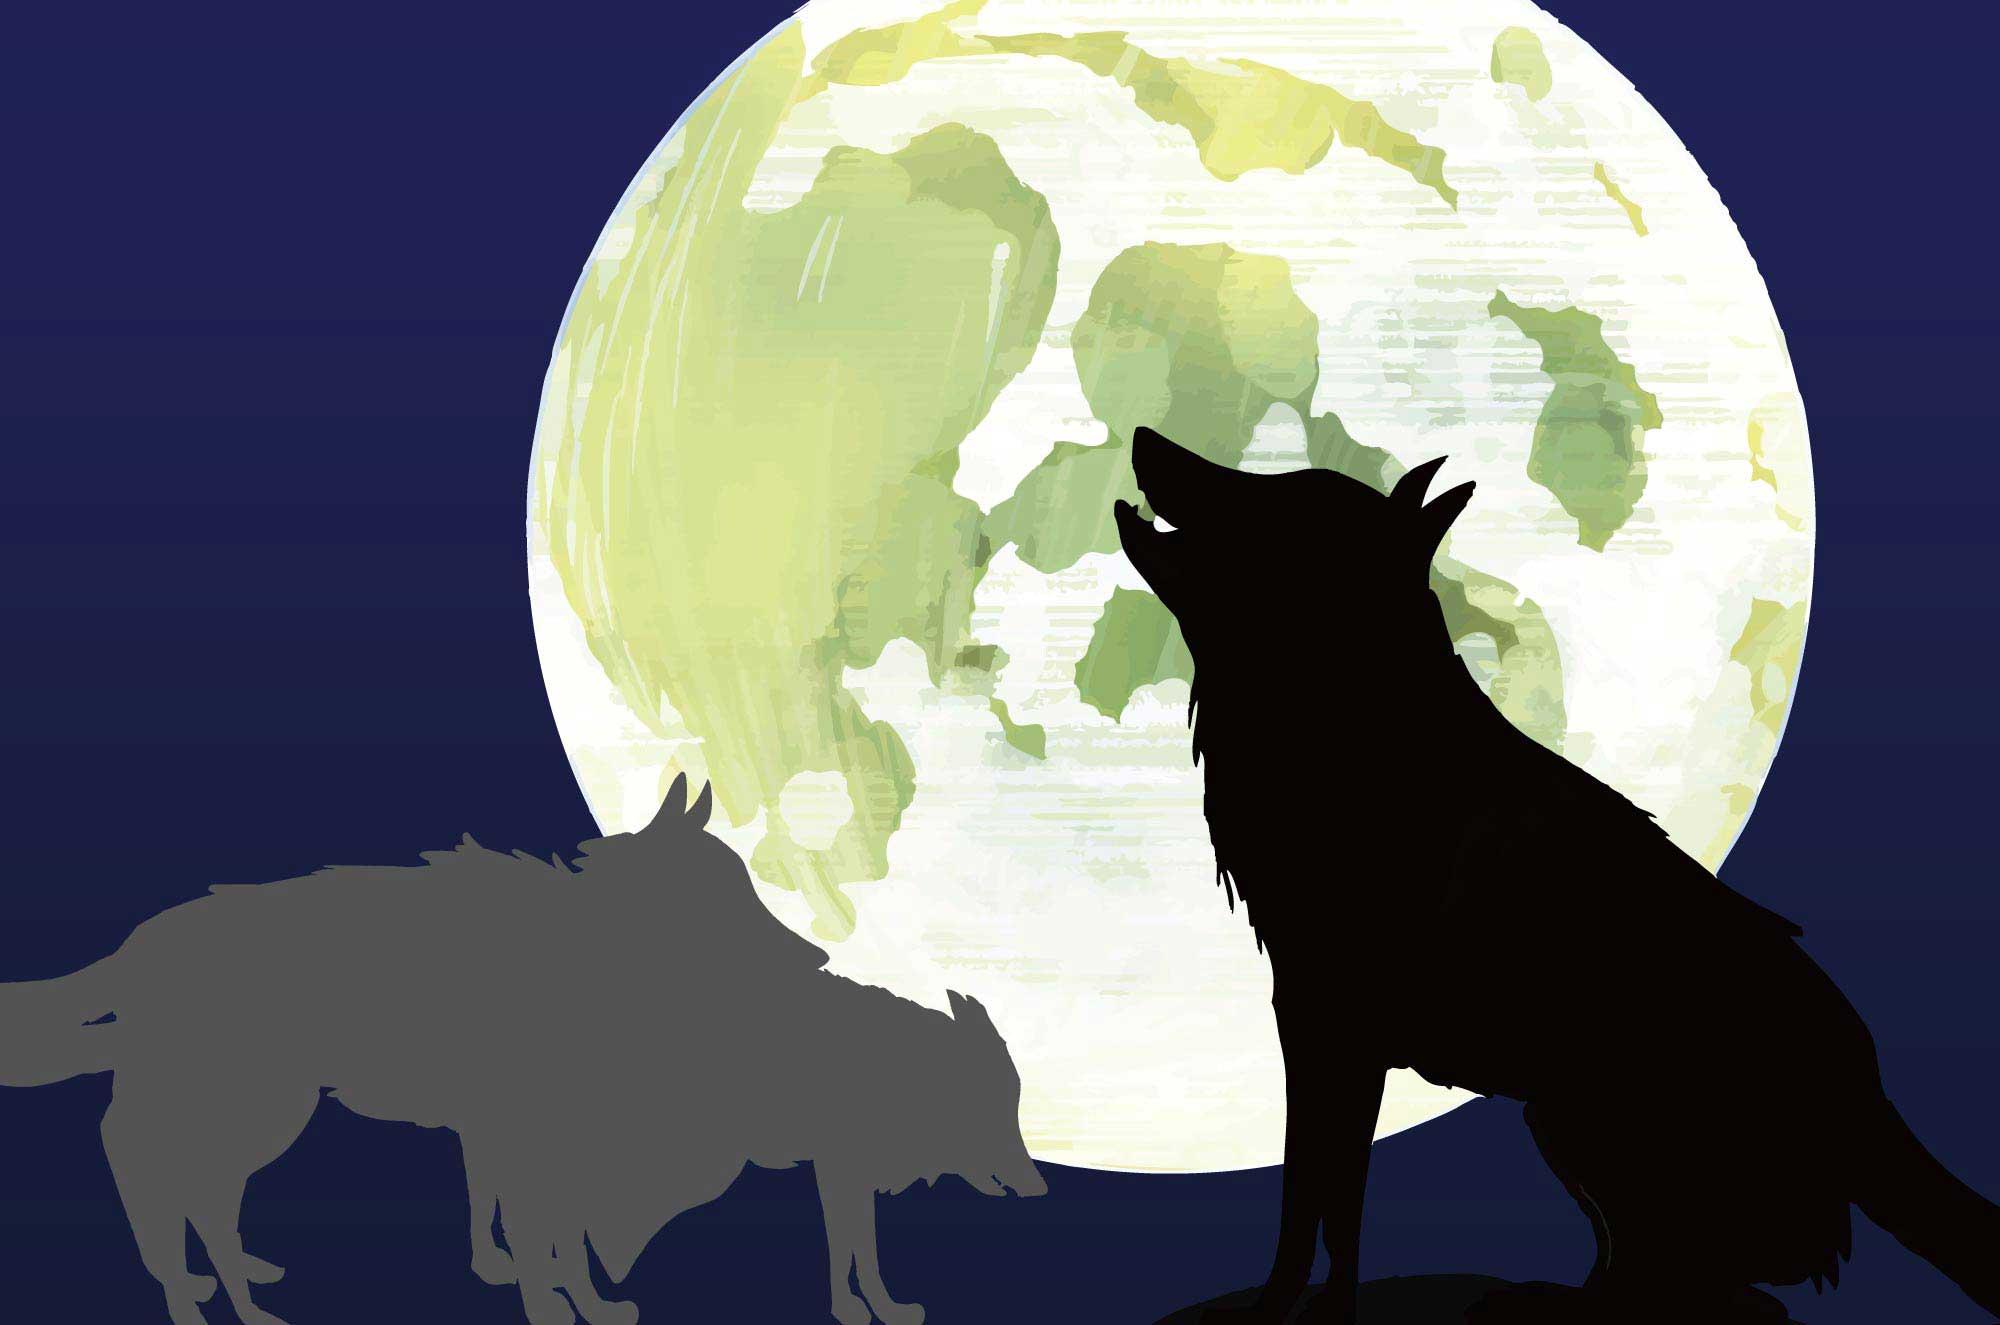 狼のイラスト - かっこいい・可愛い獣の無料素材